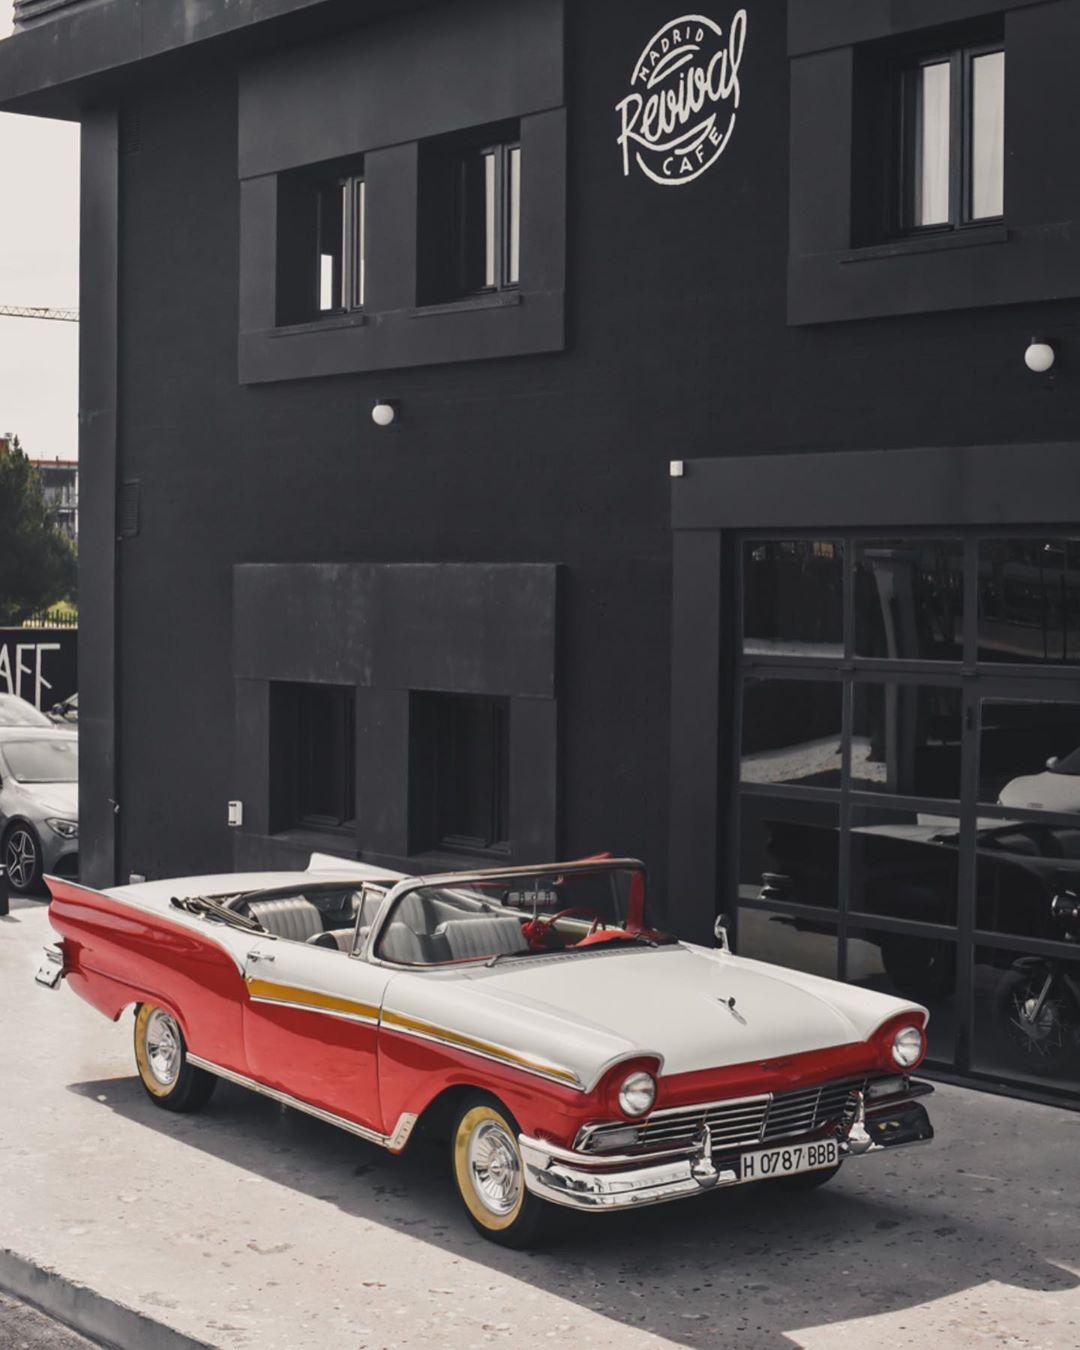 Revival Cafe - el motorbar vintage que agita Madrid. Un templo al motor. 2